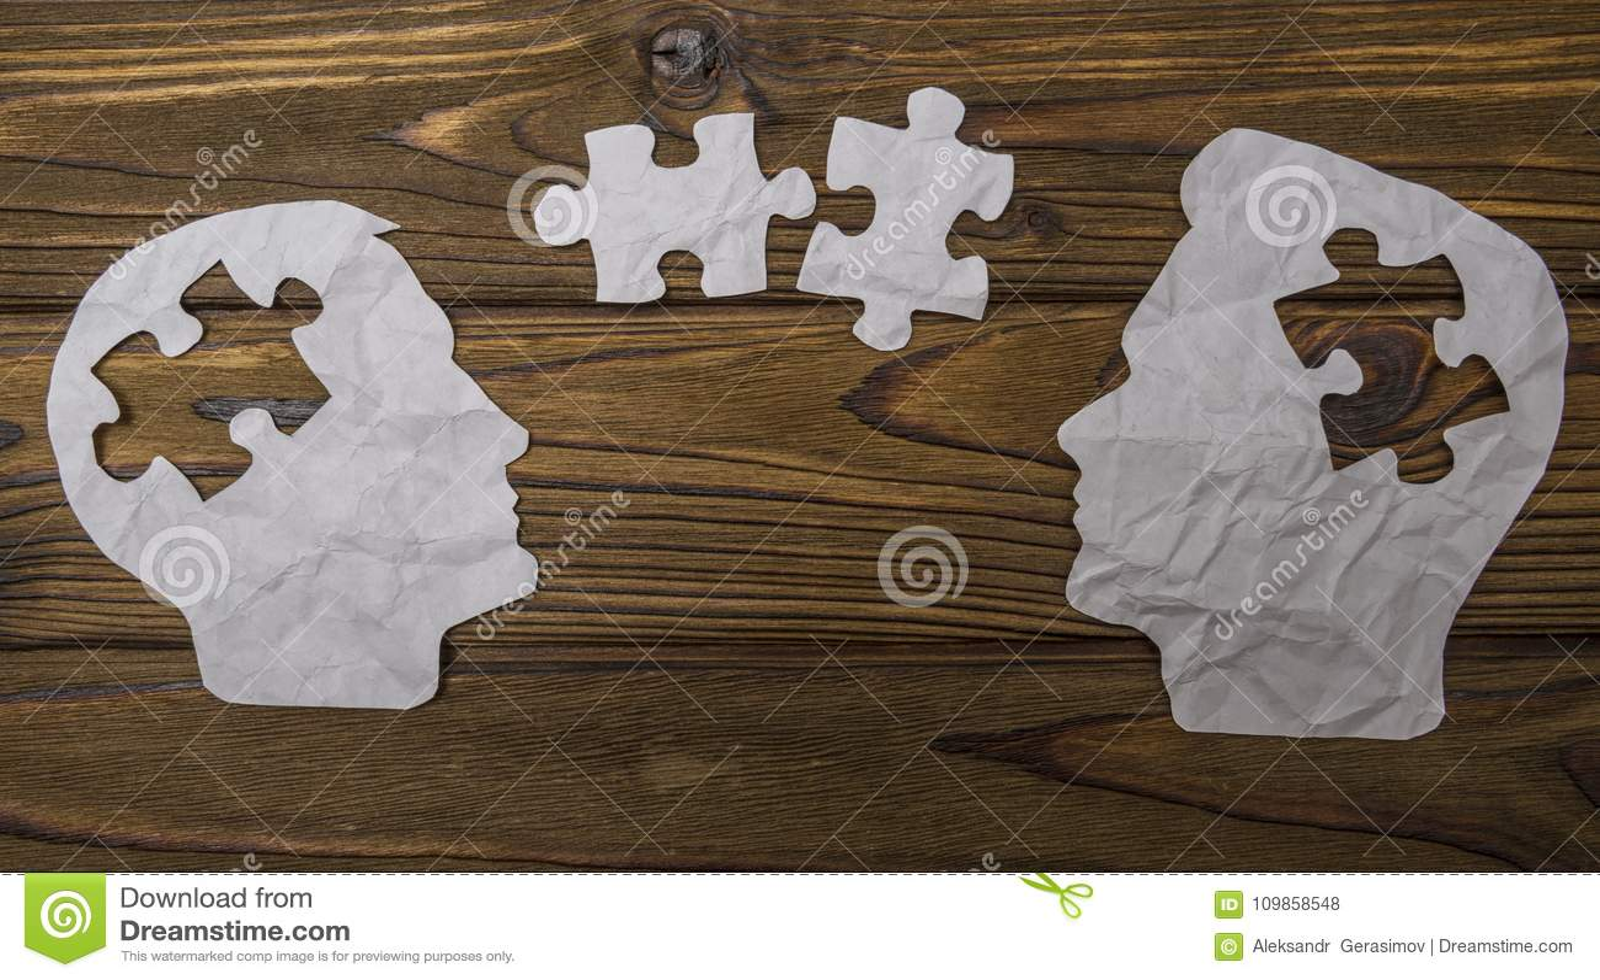 Image composée de papier sous forme de deux silhouettes principales sur un fond en bois